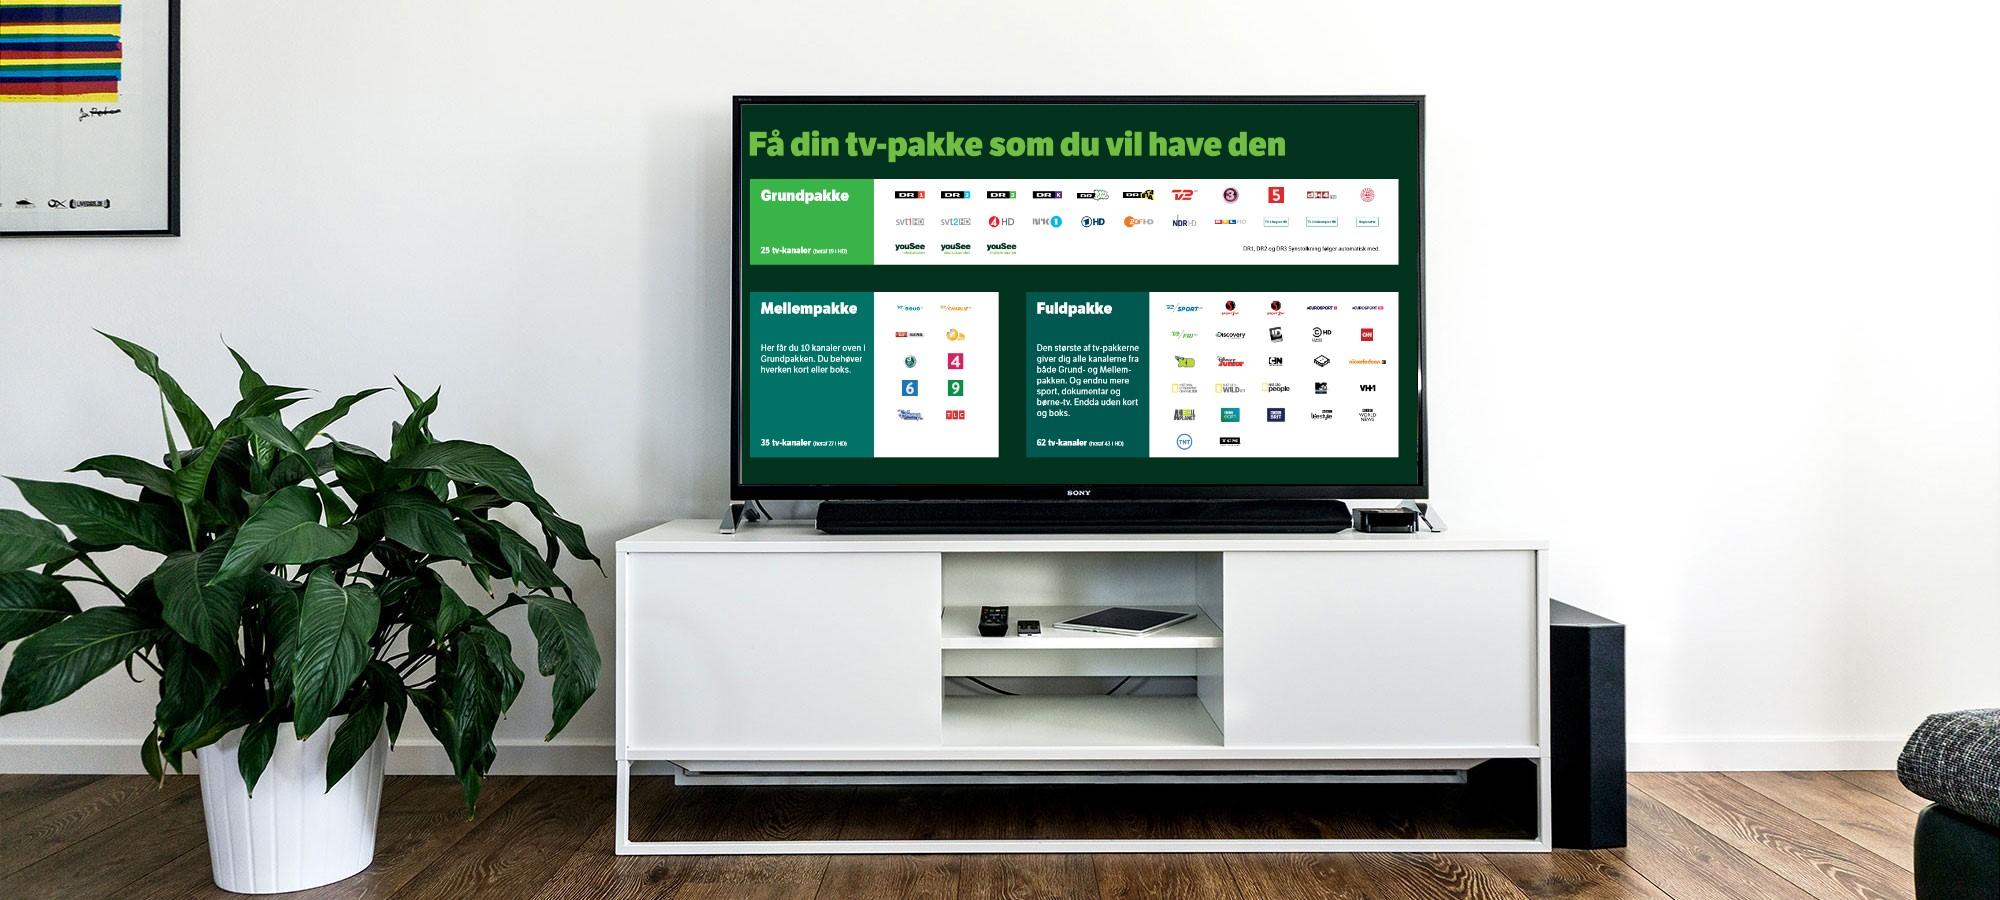 Bestem selv hvad du vil se på dit TV